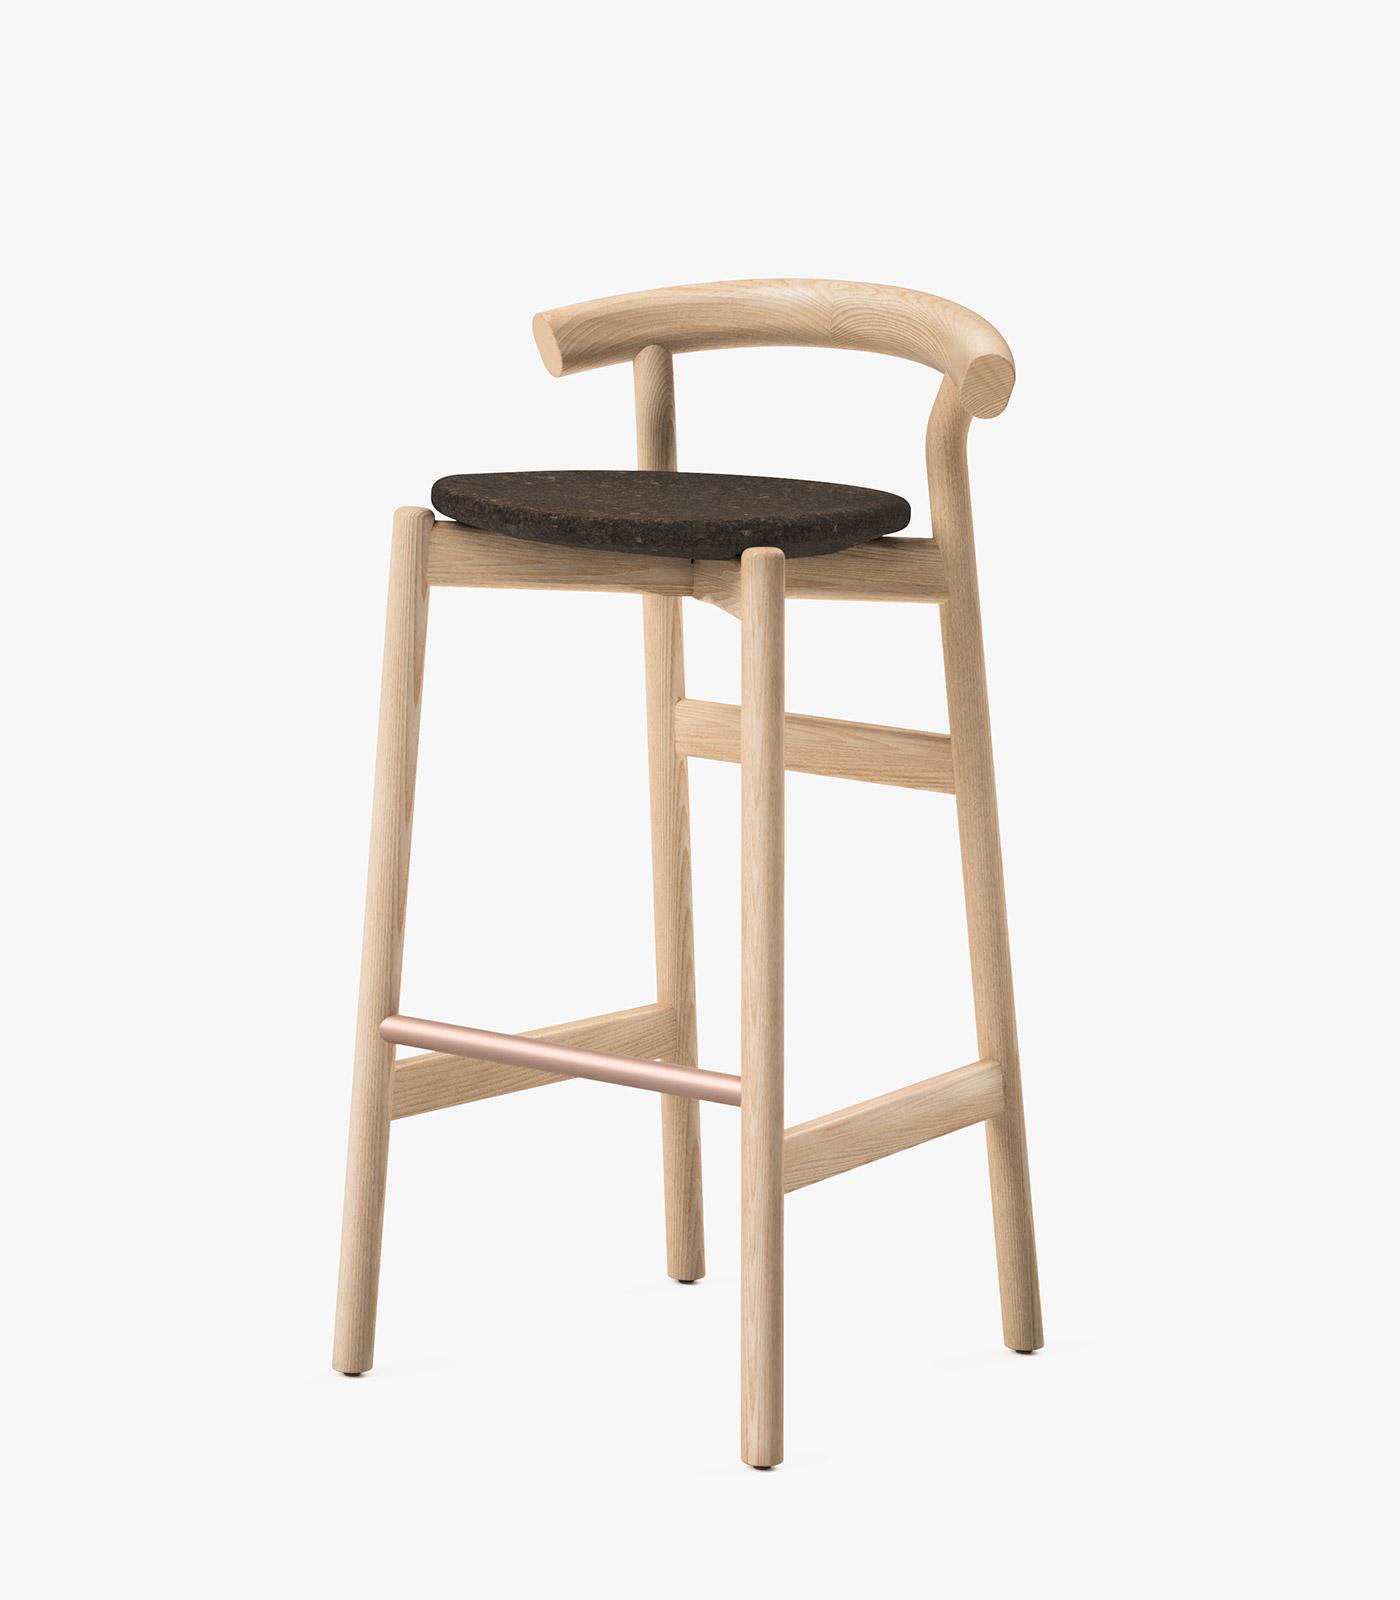 dina-bar-stool-with-back